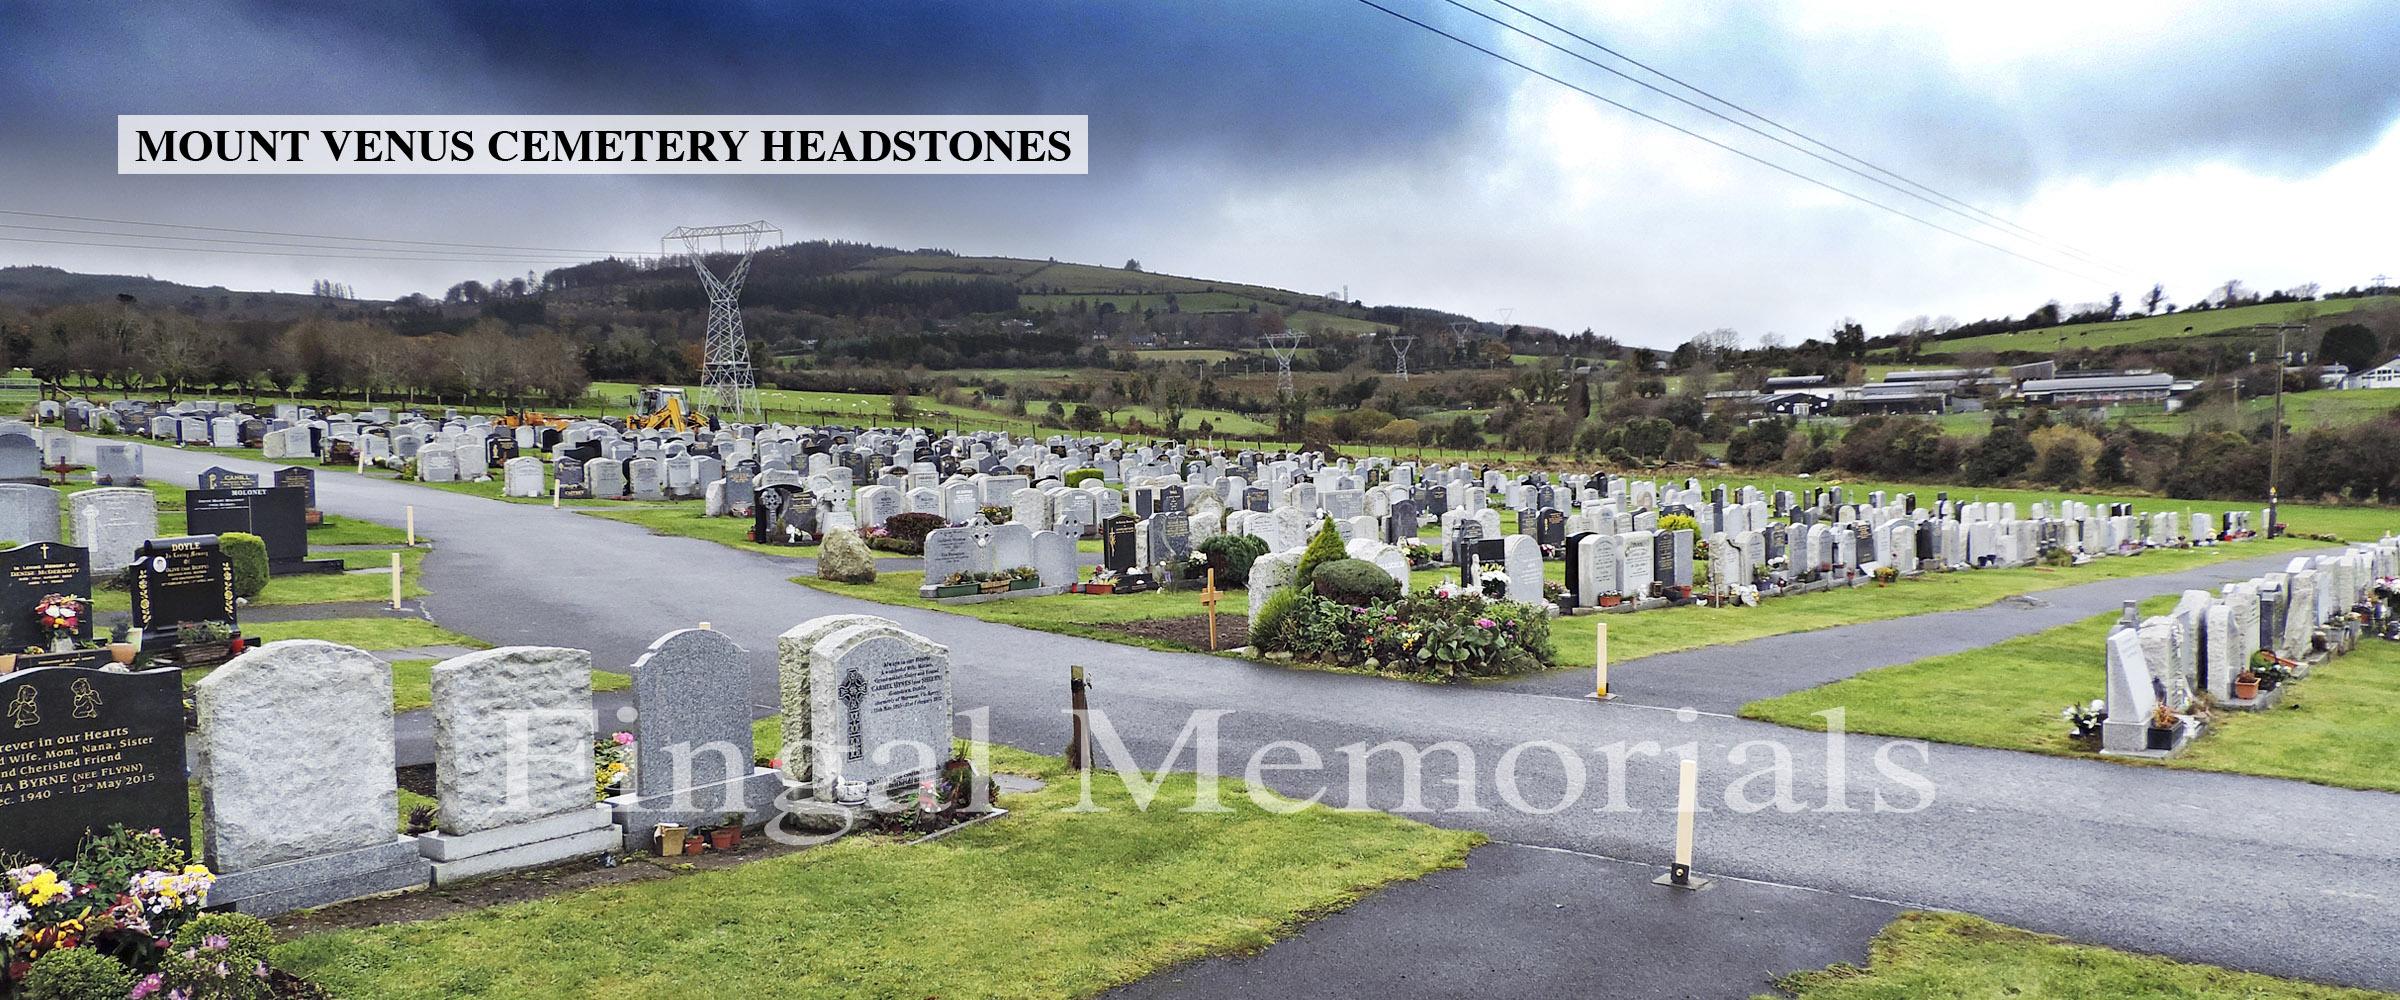 fingal memorials